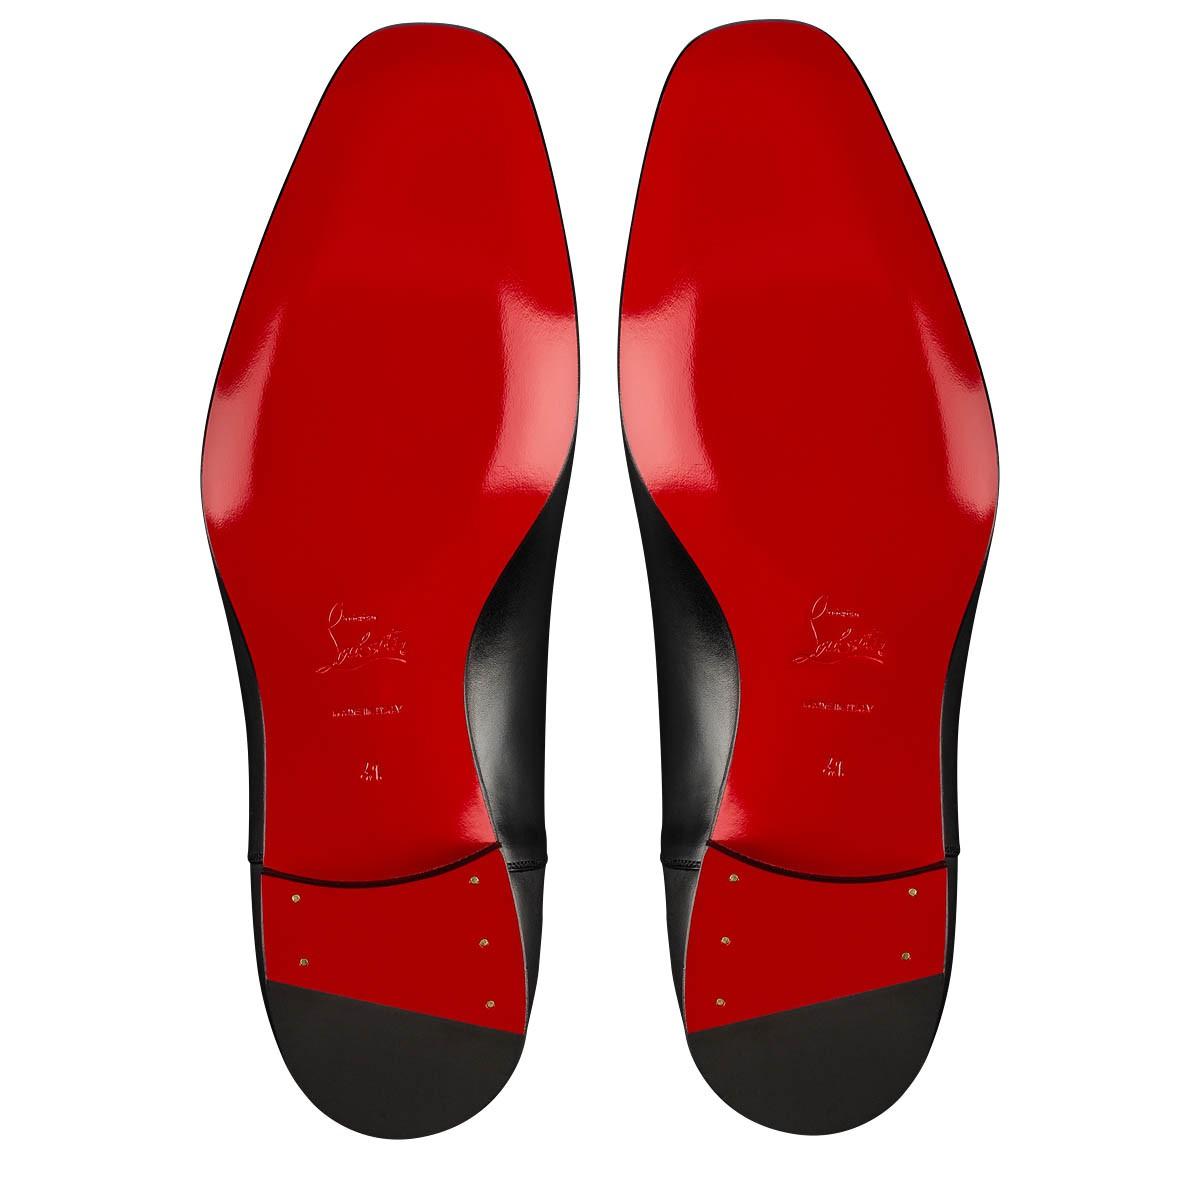 鞋履 - Greggo Flat - Christian Louboutin